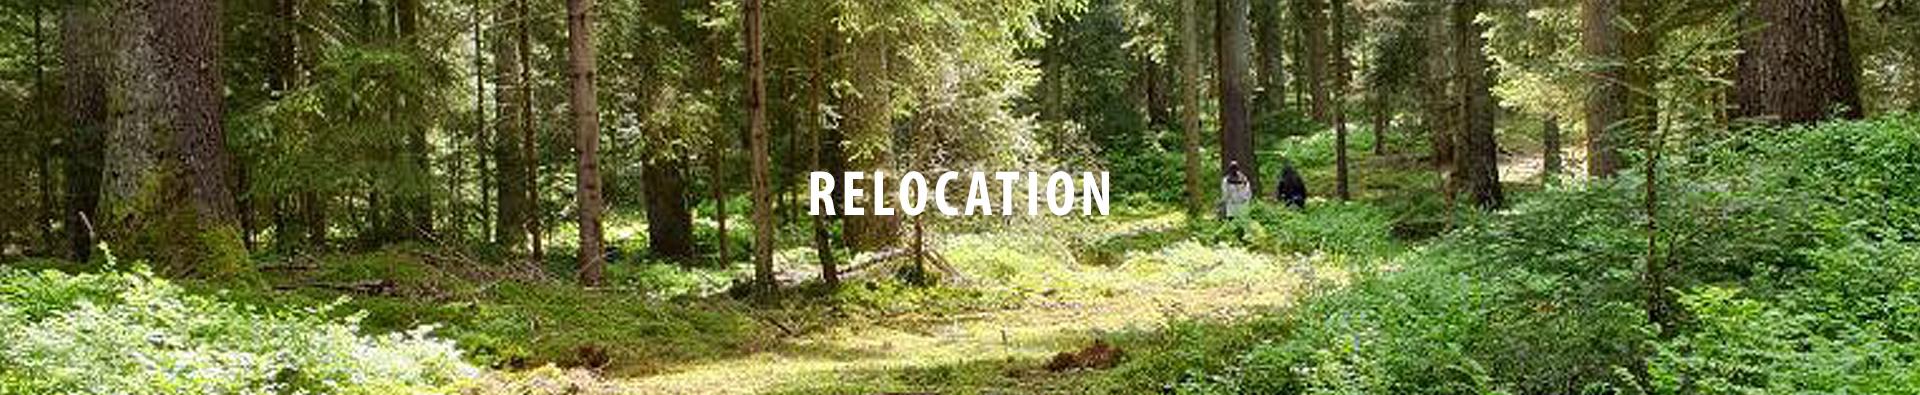 burggrafburggraf-banner-relocation